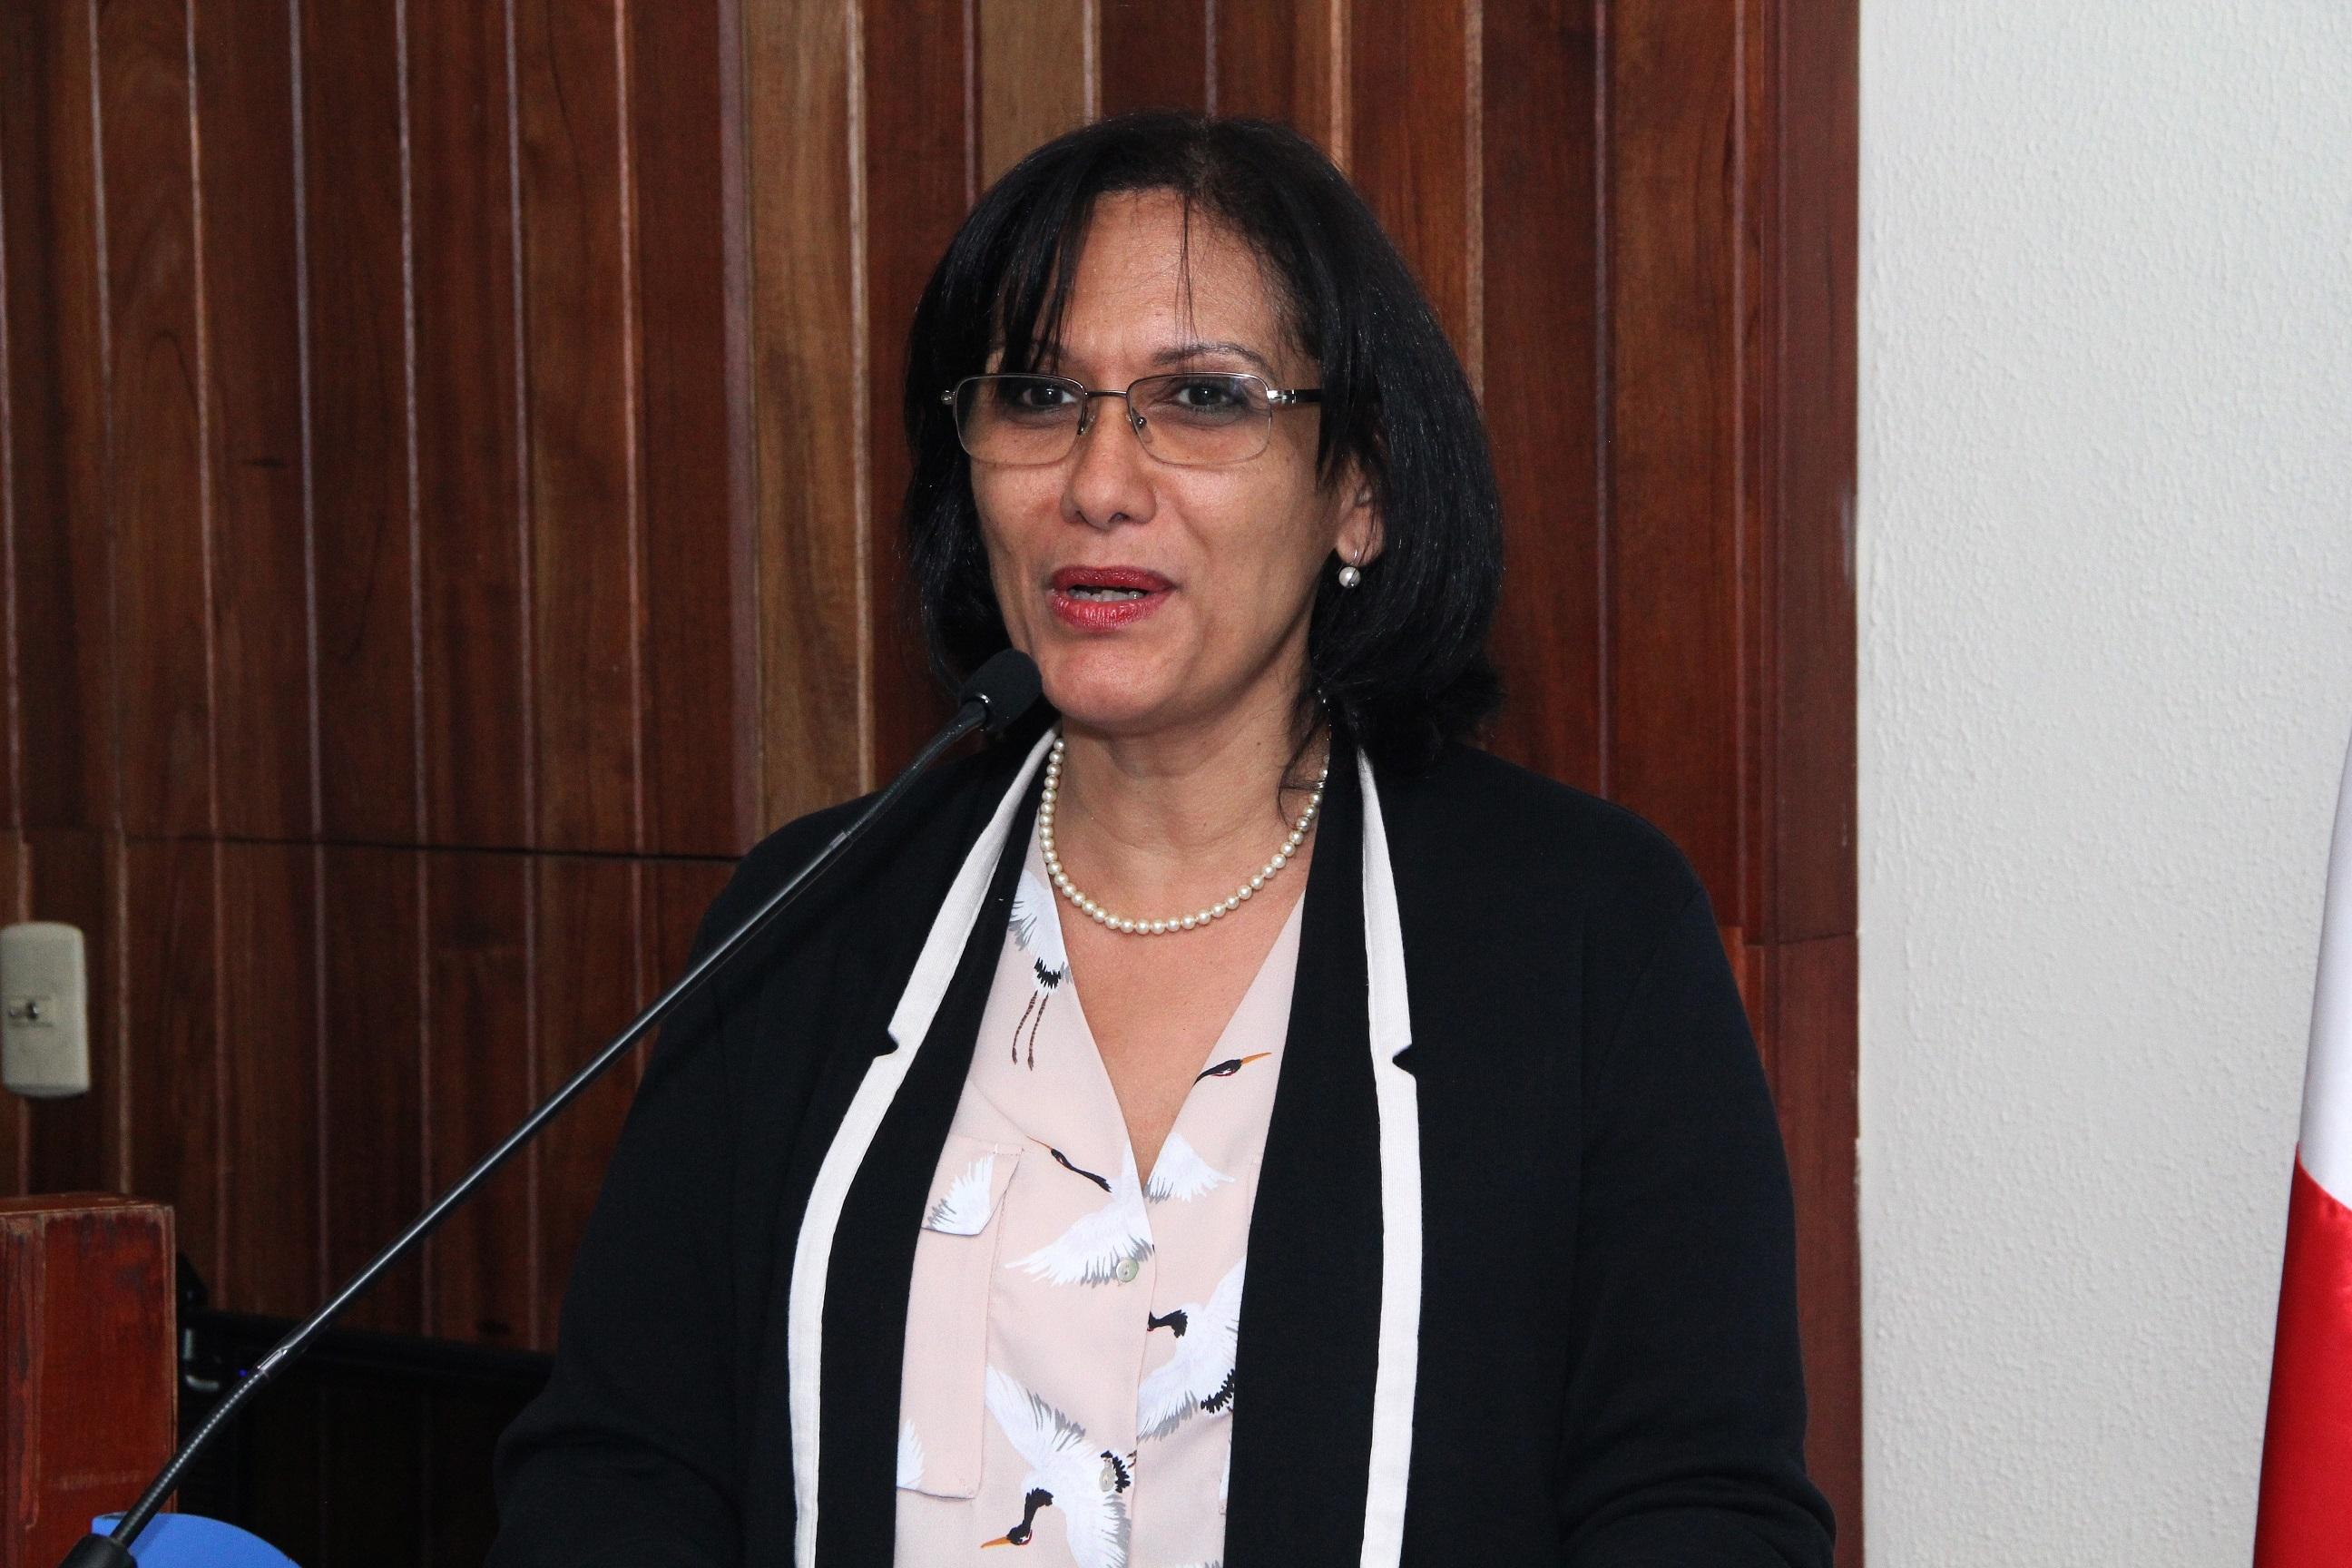 Dra. Luz Inmaculada Madera, vicerrectora de Internacionalización y Vinculación Nacional de UNAPEC